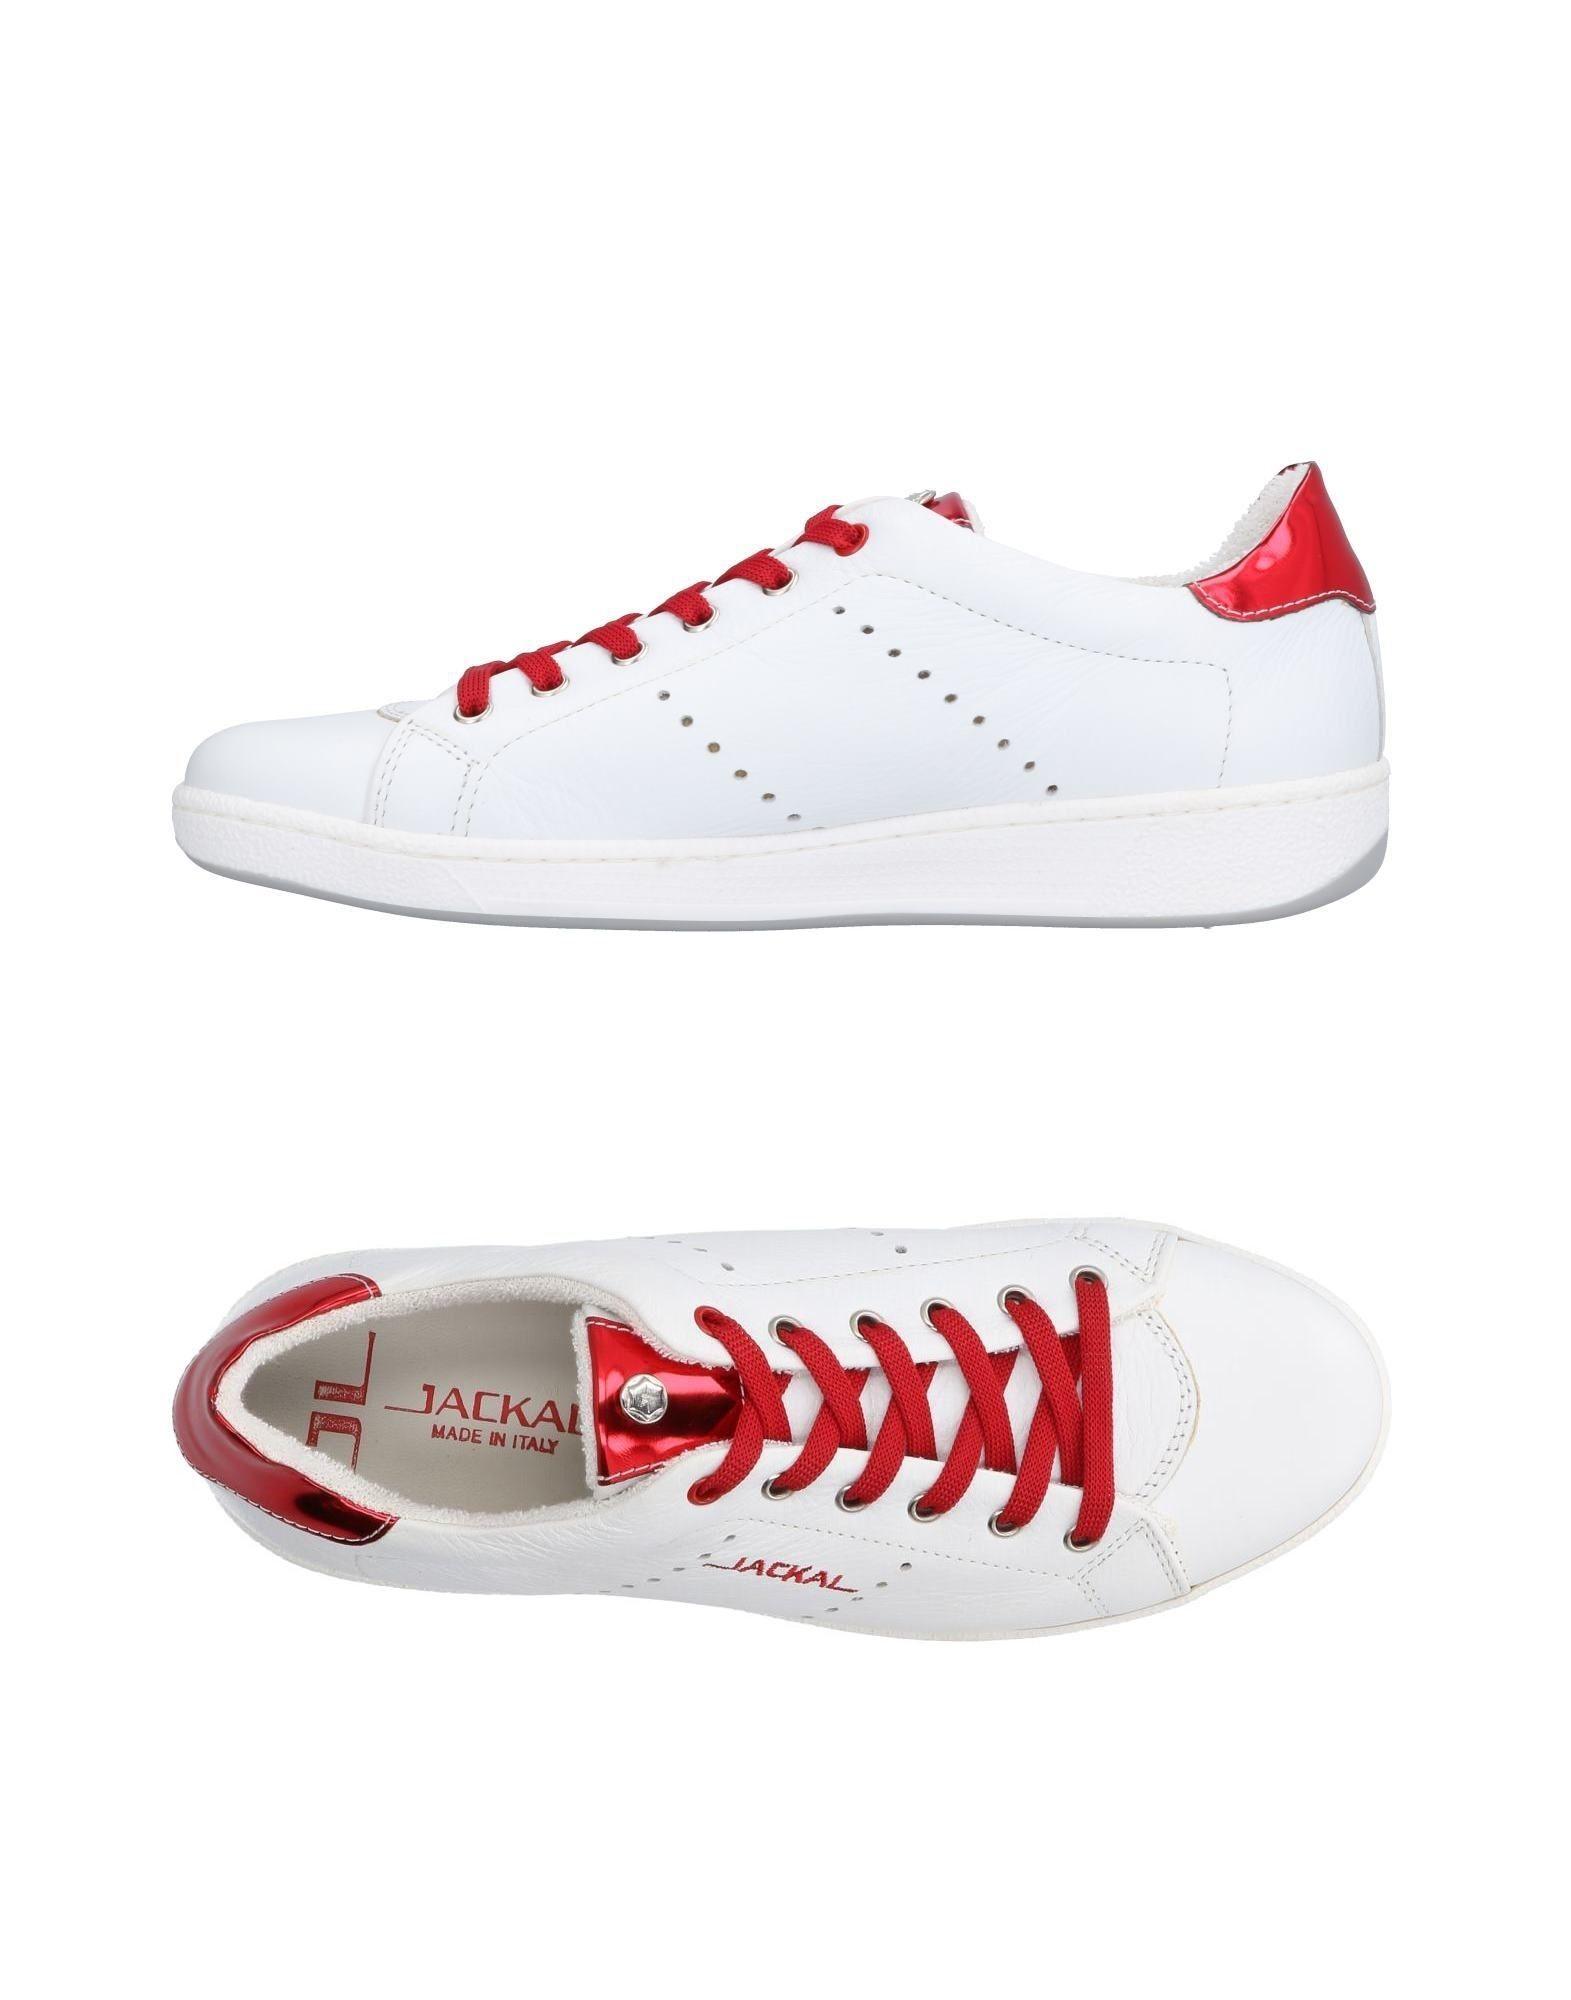 Jackal Sneakers Herren   Herren 11499917CD 137bfe